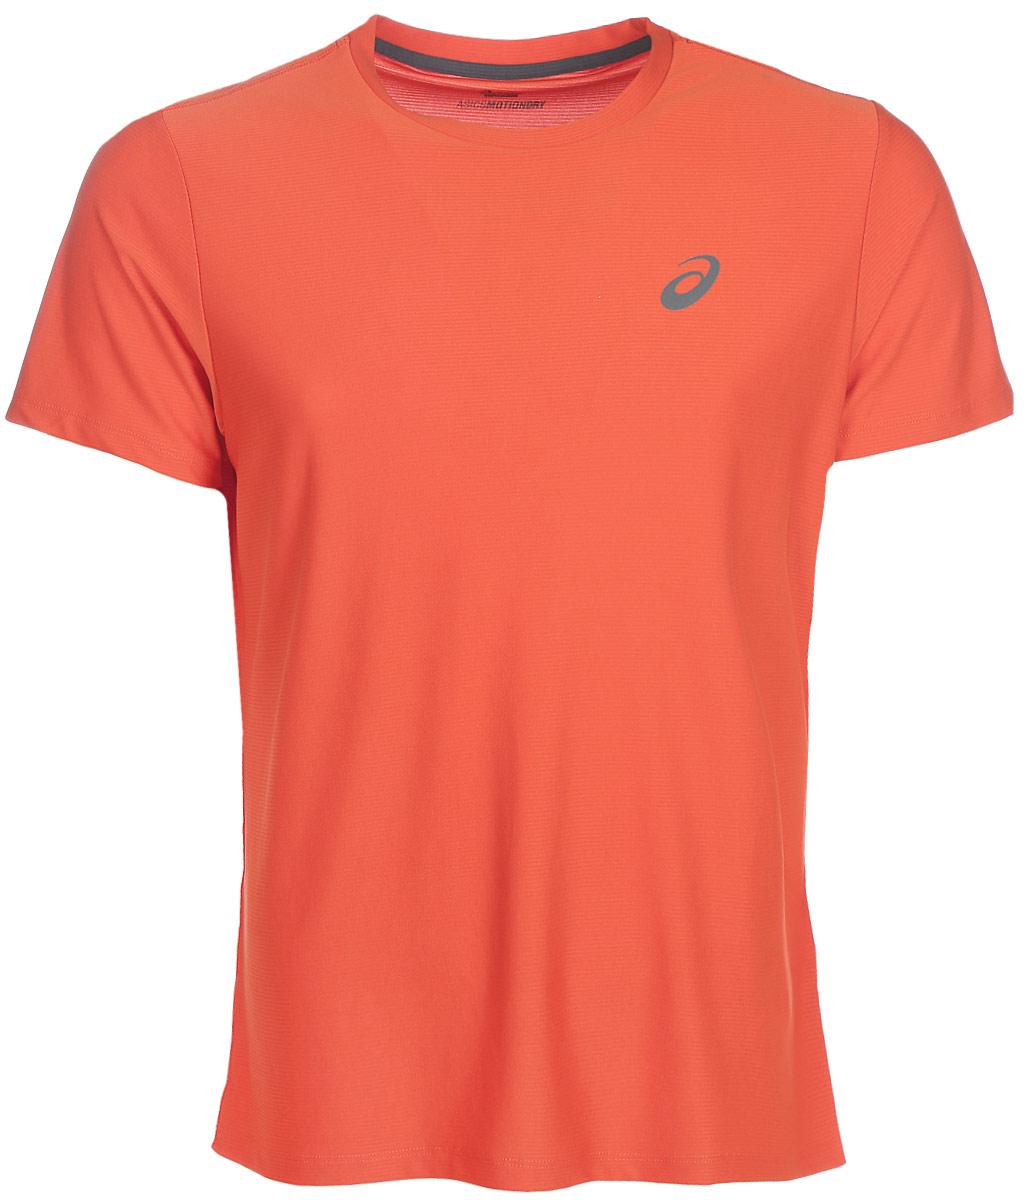 Футболка для бега мужская Asics SS Top, цвет: коричневый. 134084-0516. Размер XL (54)134084-0516Стильная мужская футболка для бега Asics SS Top, выполненная из высококачественного полиэстера, обладает высокой воздухопроницаемостью и превосходно отводит влагу от тела, оставляя кожу сухой даже во время интенсивных тренировок. Такая футболка великолепно подойдет как для повседневной носки, так и для спортивных занятий.Модель с короткими рукавами и круглым вырезом горловины - идеальный вариант для создания модного современного образа. Футболка оформлена светоотражающим логотипом на груди и контрастной полоской на спинке. Такая футболка идеально подойдет для занятий спортом и бега. В ней вы всегда будете чувствовать себя уверенно и комфортно.